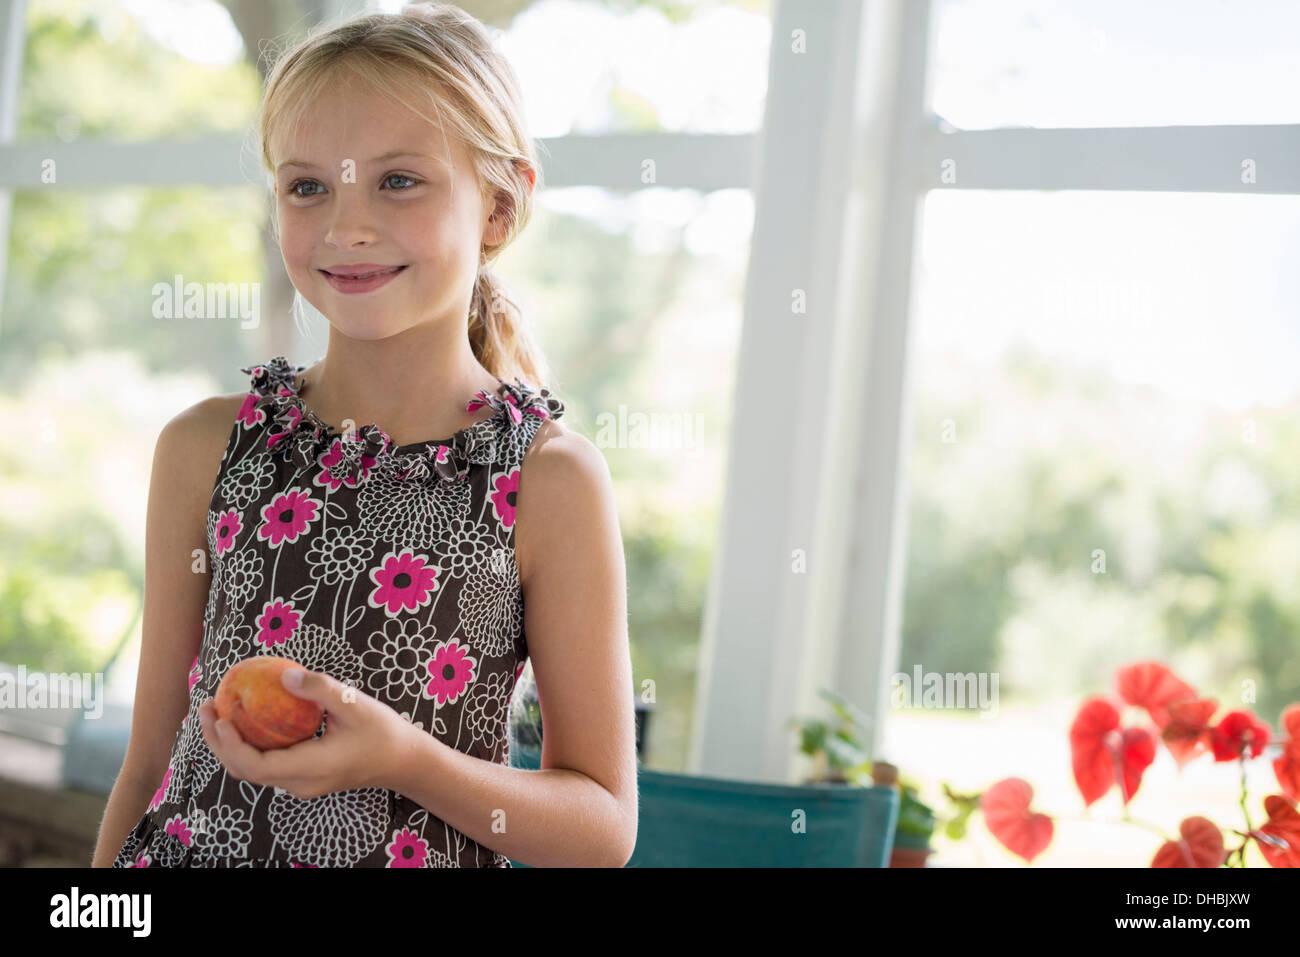 Una giovane ragazza in un abito floreale tenendo un pesche frutto. Immagini Stock